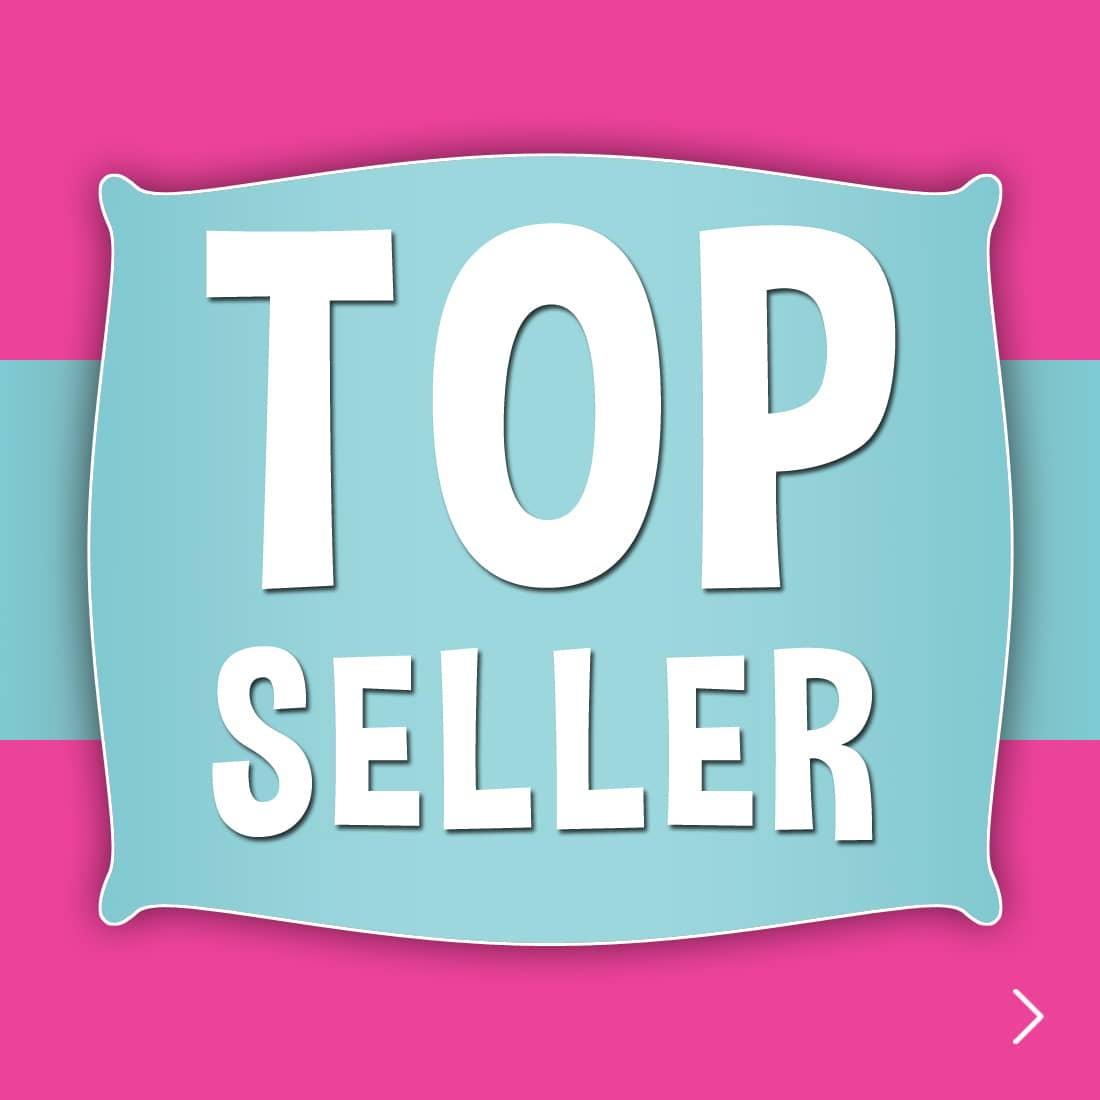 https://www.rofu.de/trend-themen/barbie/barbie-topseller/